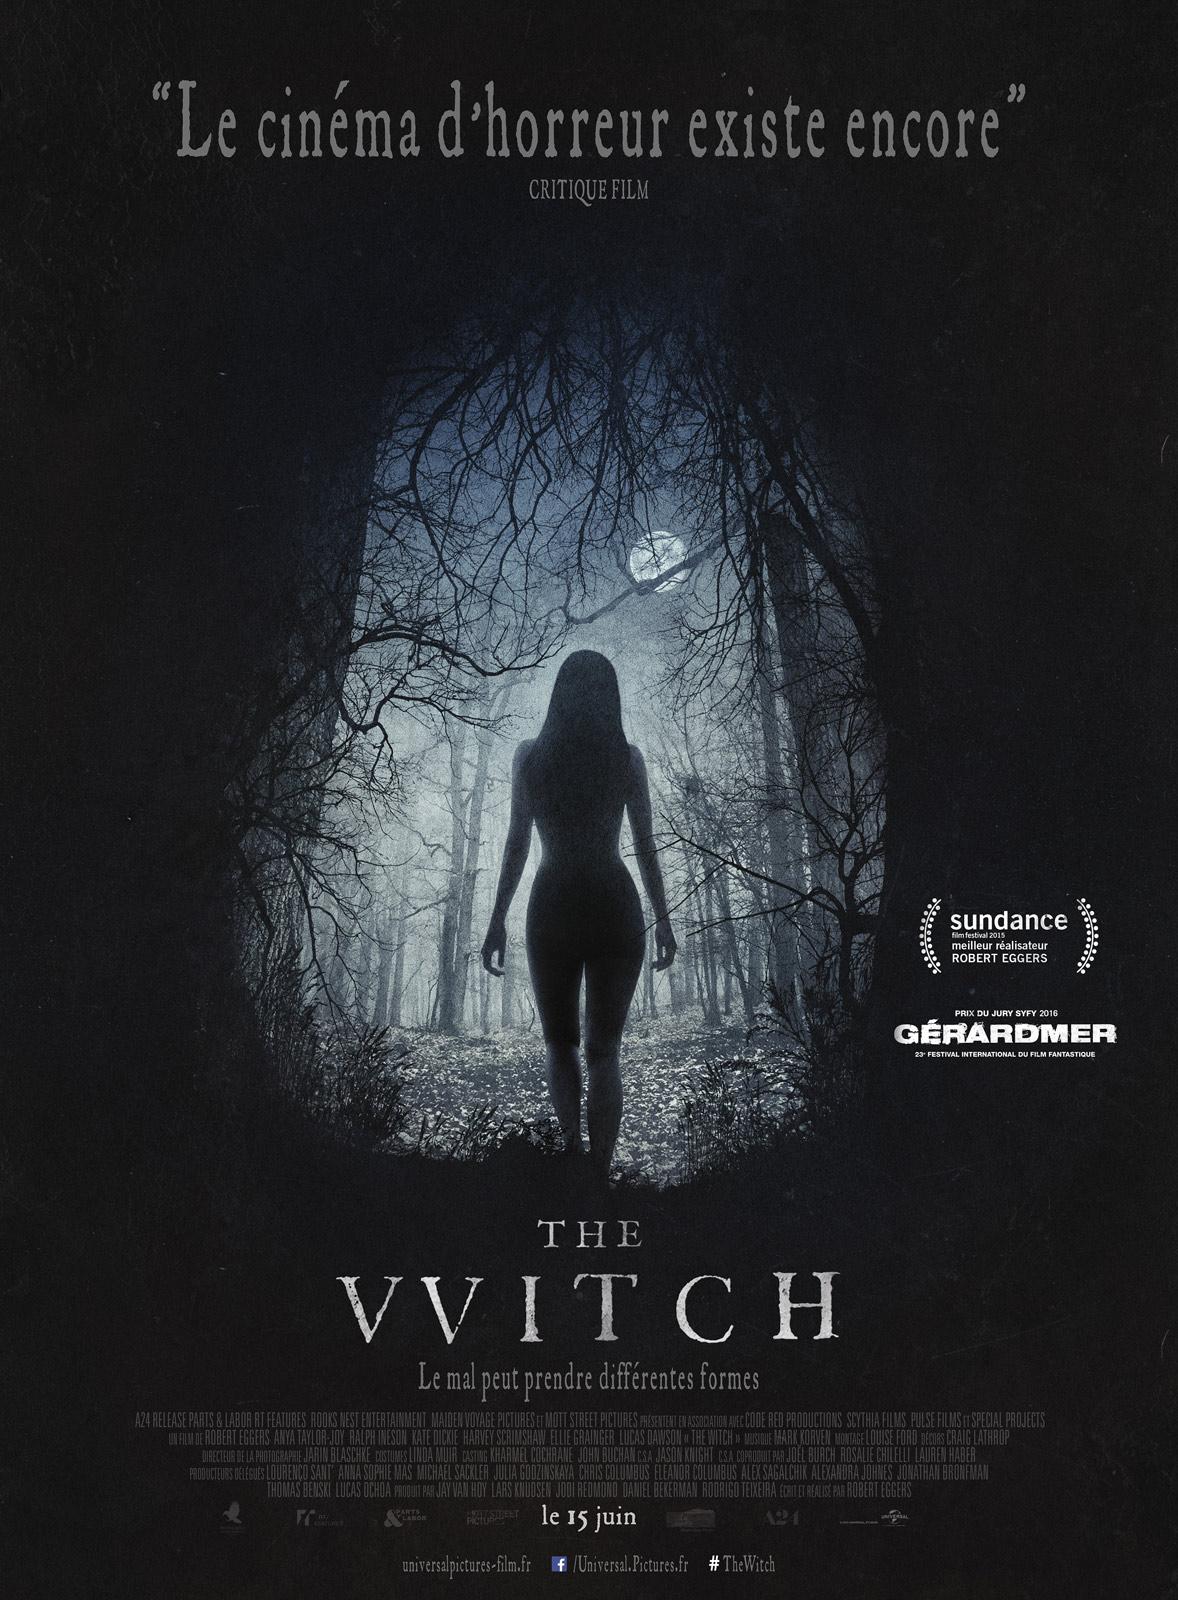 top-20-des-plus-belles-affiches-de-films-de-annee-2016-folkr-20-the-witch